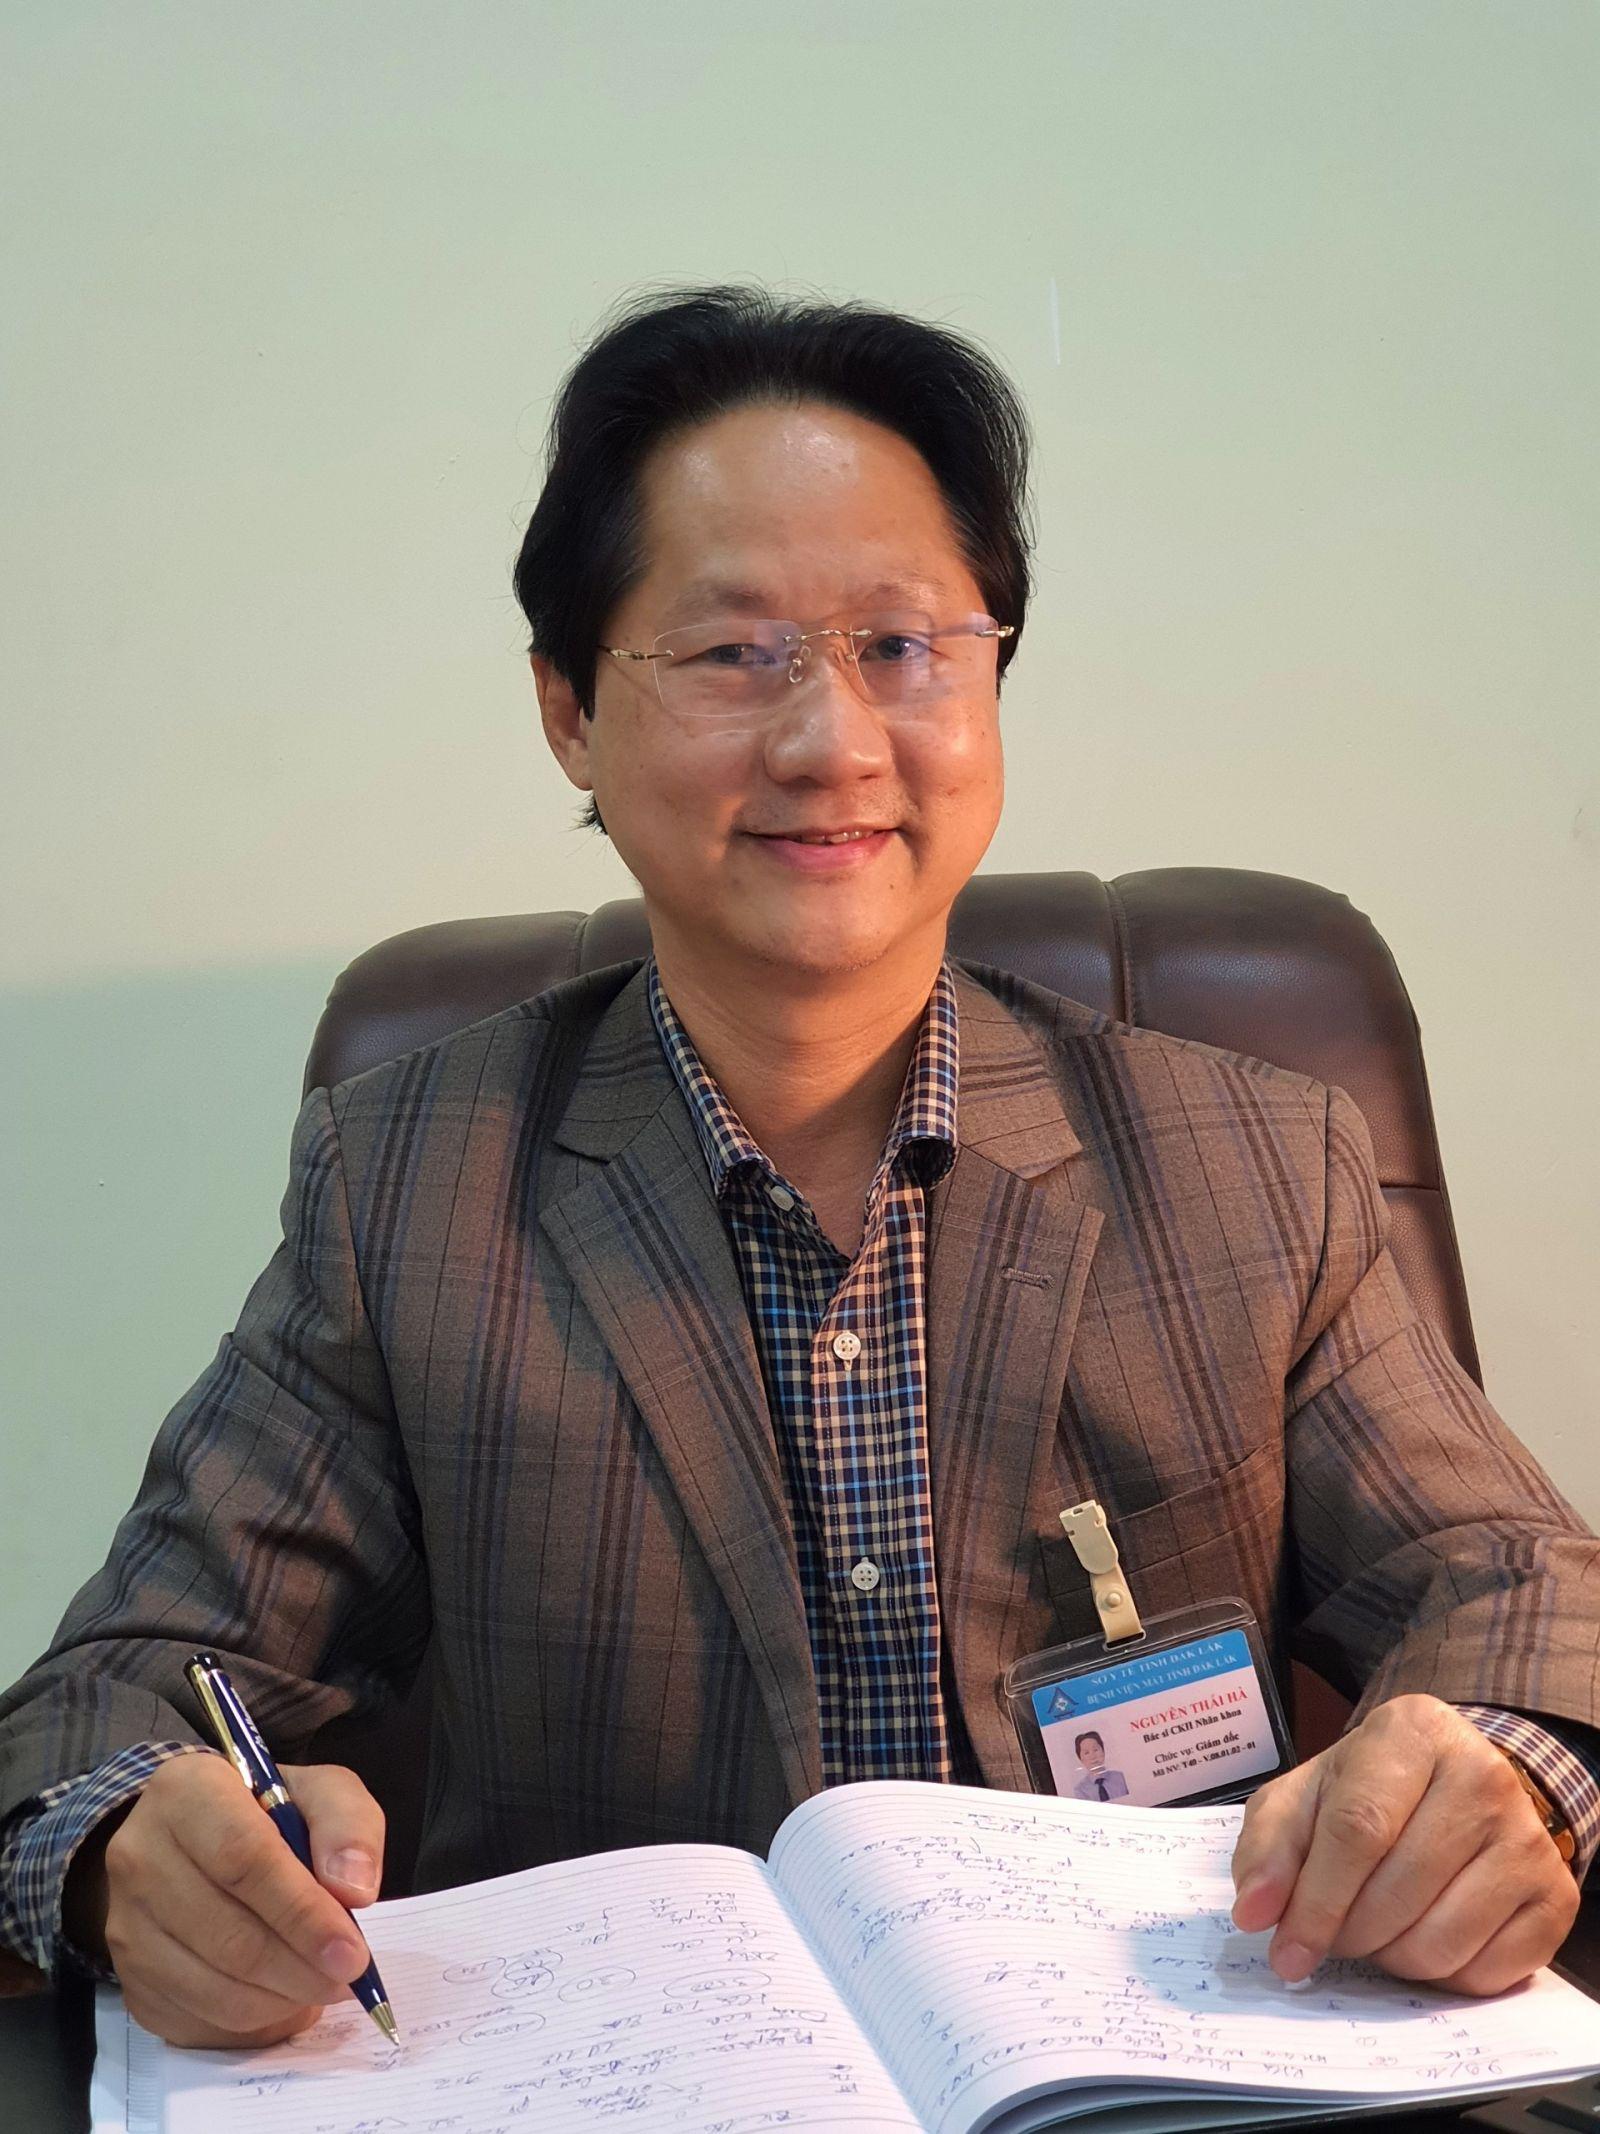 Bác sỹ chuyên khoa II Nguyễn Thái Hà, Giám đốc bệnh viện mắt tỉnh Đắk Lắk.